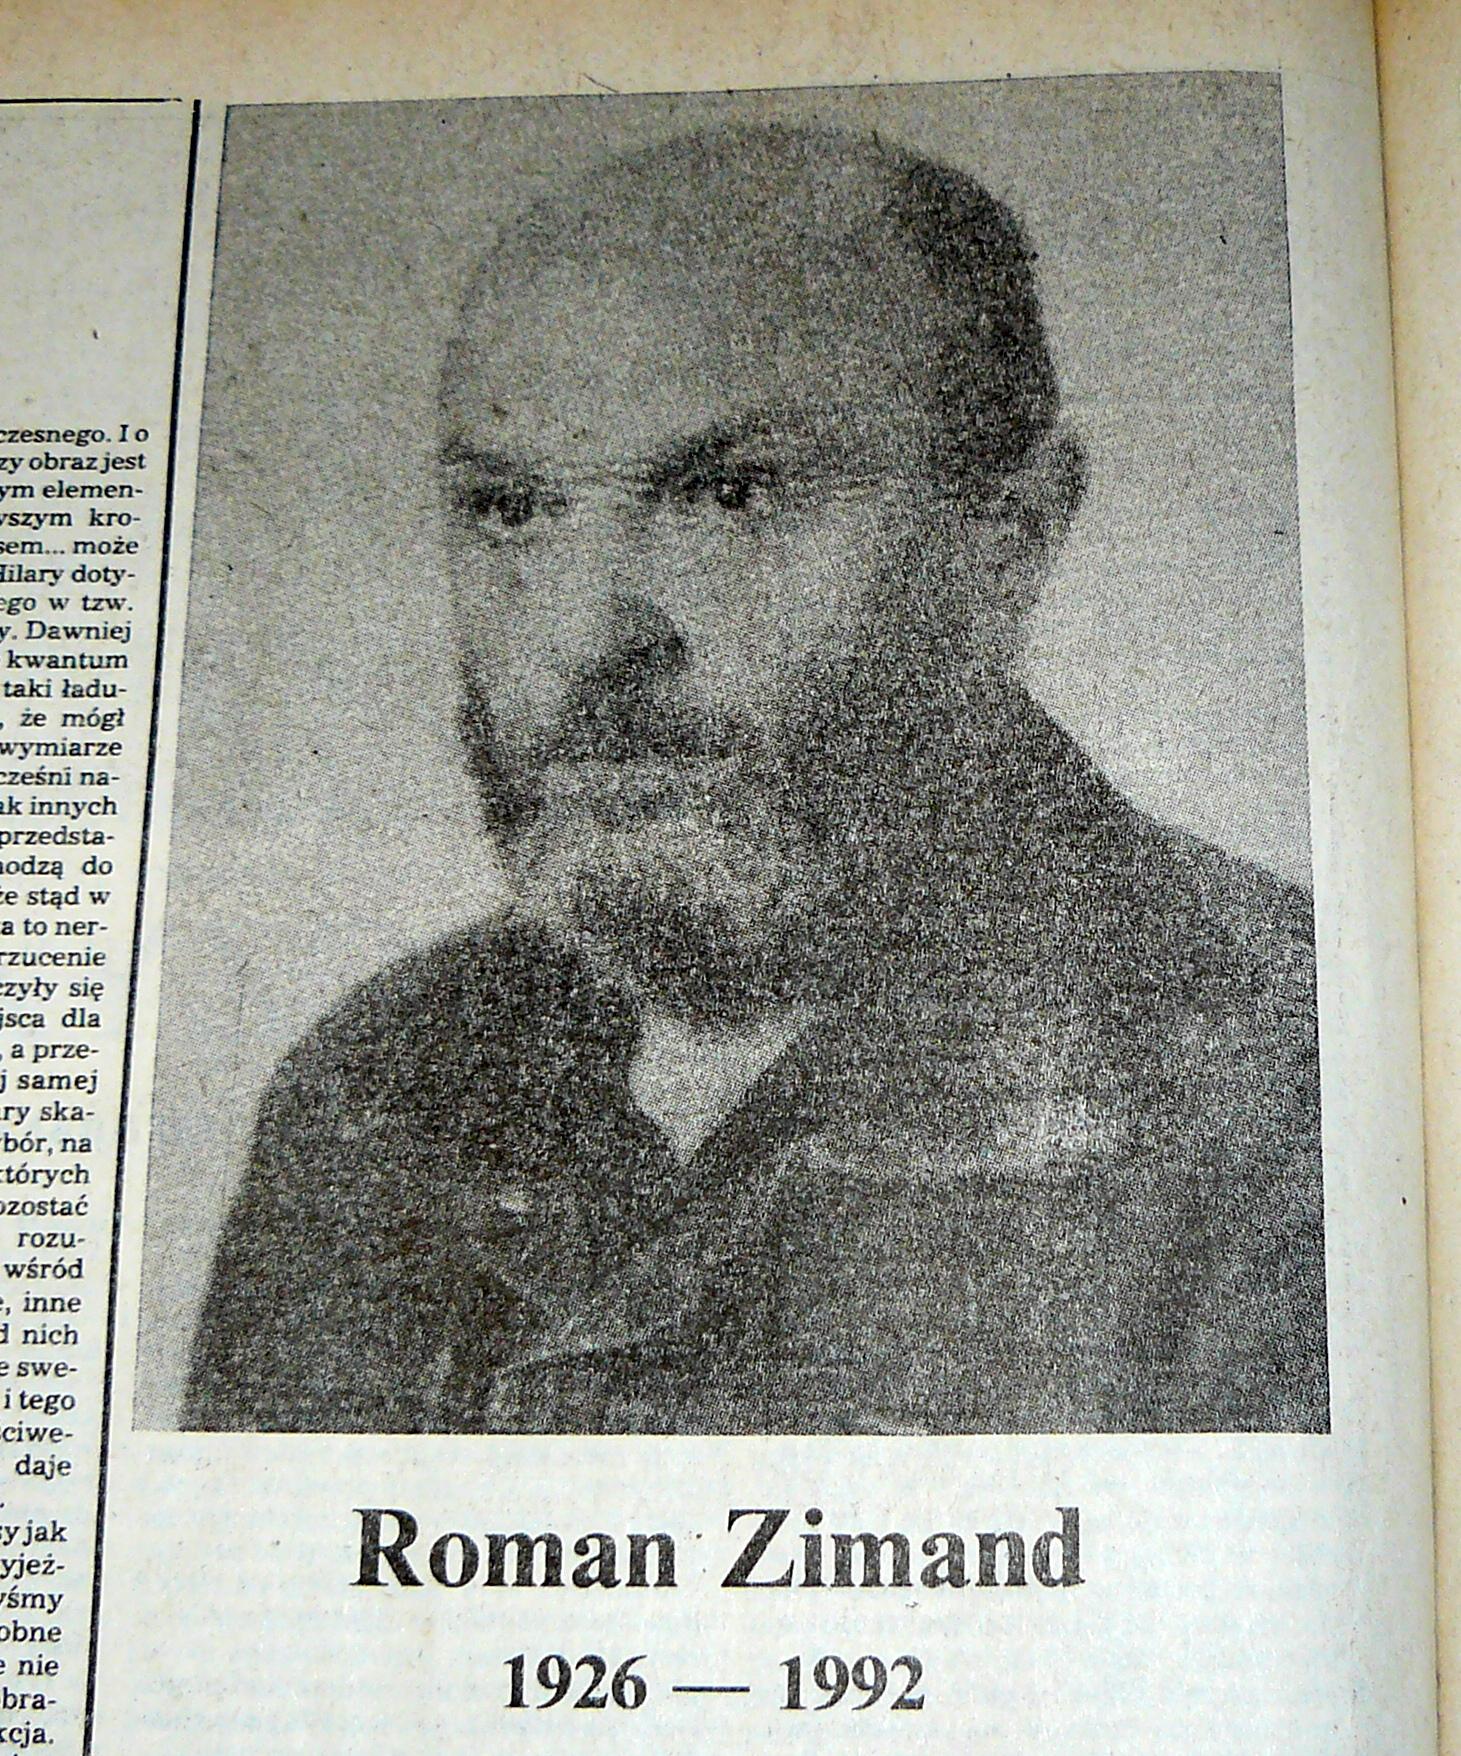 """<div class='inner-box'><div class='close-desc'></div><span class='opis'>Portret Romana Zimanda ilustrujący tekst wspomnieniowy po jego śmierci, pióra prof. Marty Wyki. """"Tygodnik Powszechny"""", nr 18/1992 r. s.8. Autor NN.</span><div class='clearfix'></div><span>Archive ref. sm00246</span><div class='clearfix'></div><span>© Instytut Literacki</span></div>"""